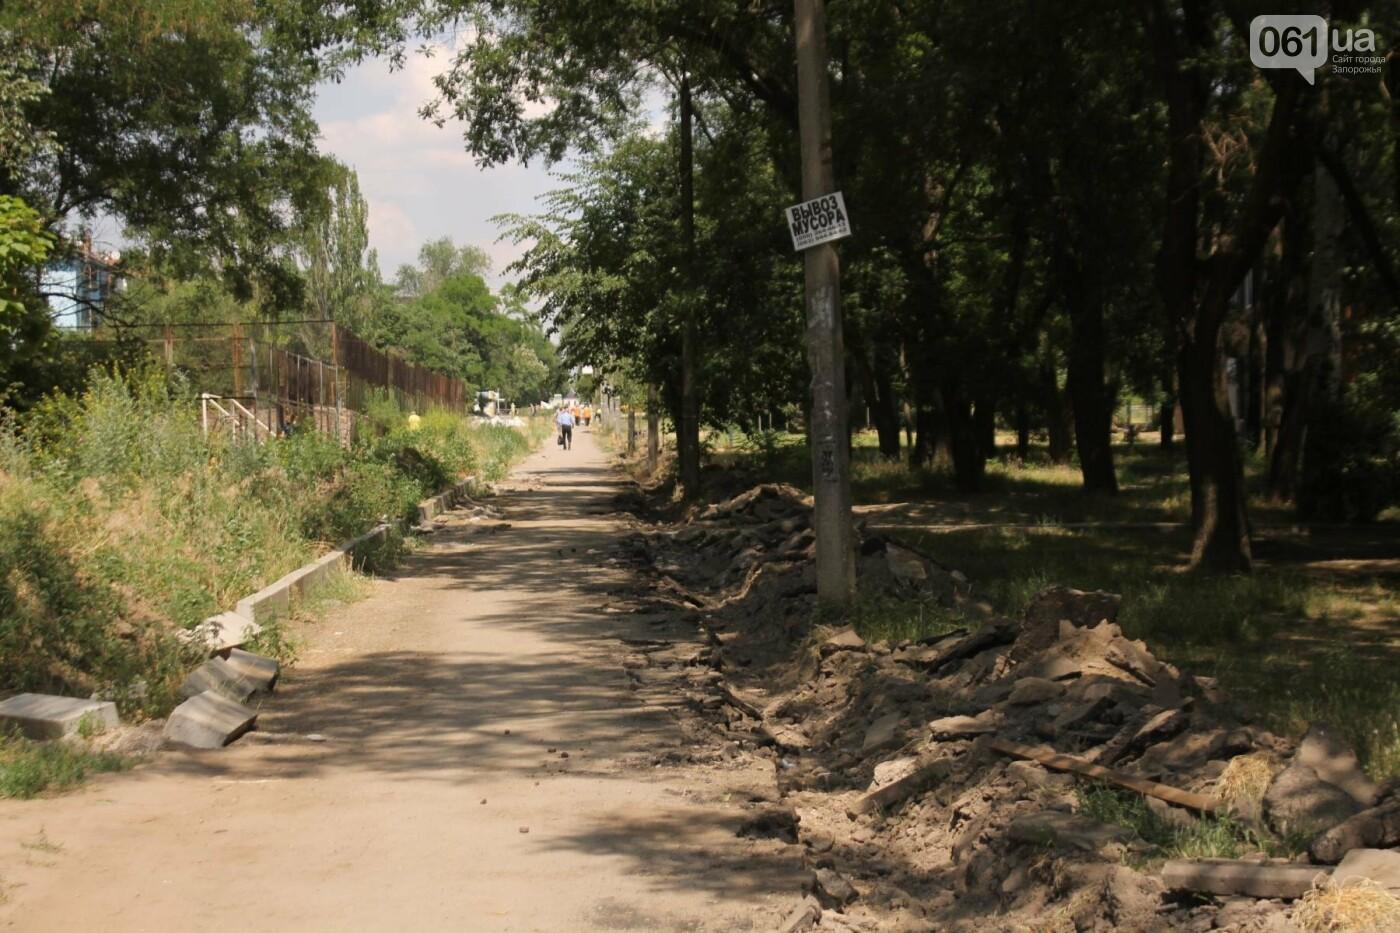 На Якова Новицкого в Запорожье возобновили реконструкцию пешеходной аллеи: обещают закончить до конца лета, – ФОТОРЕПОРТАЖ, фото-2